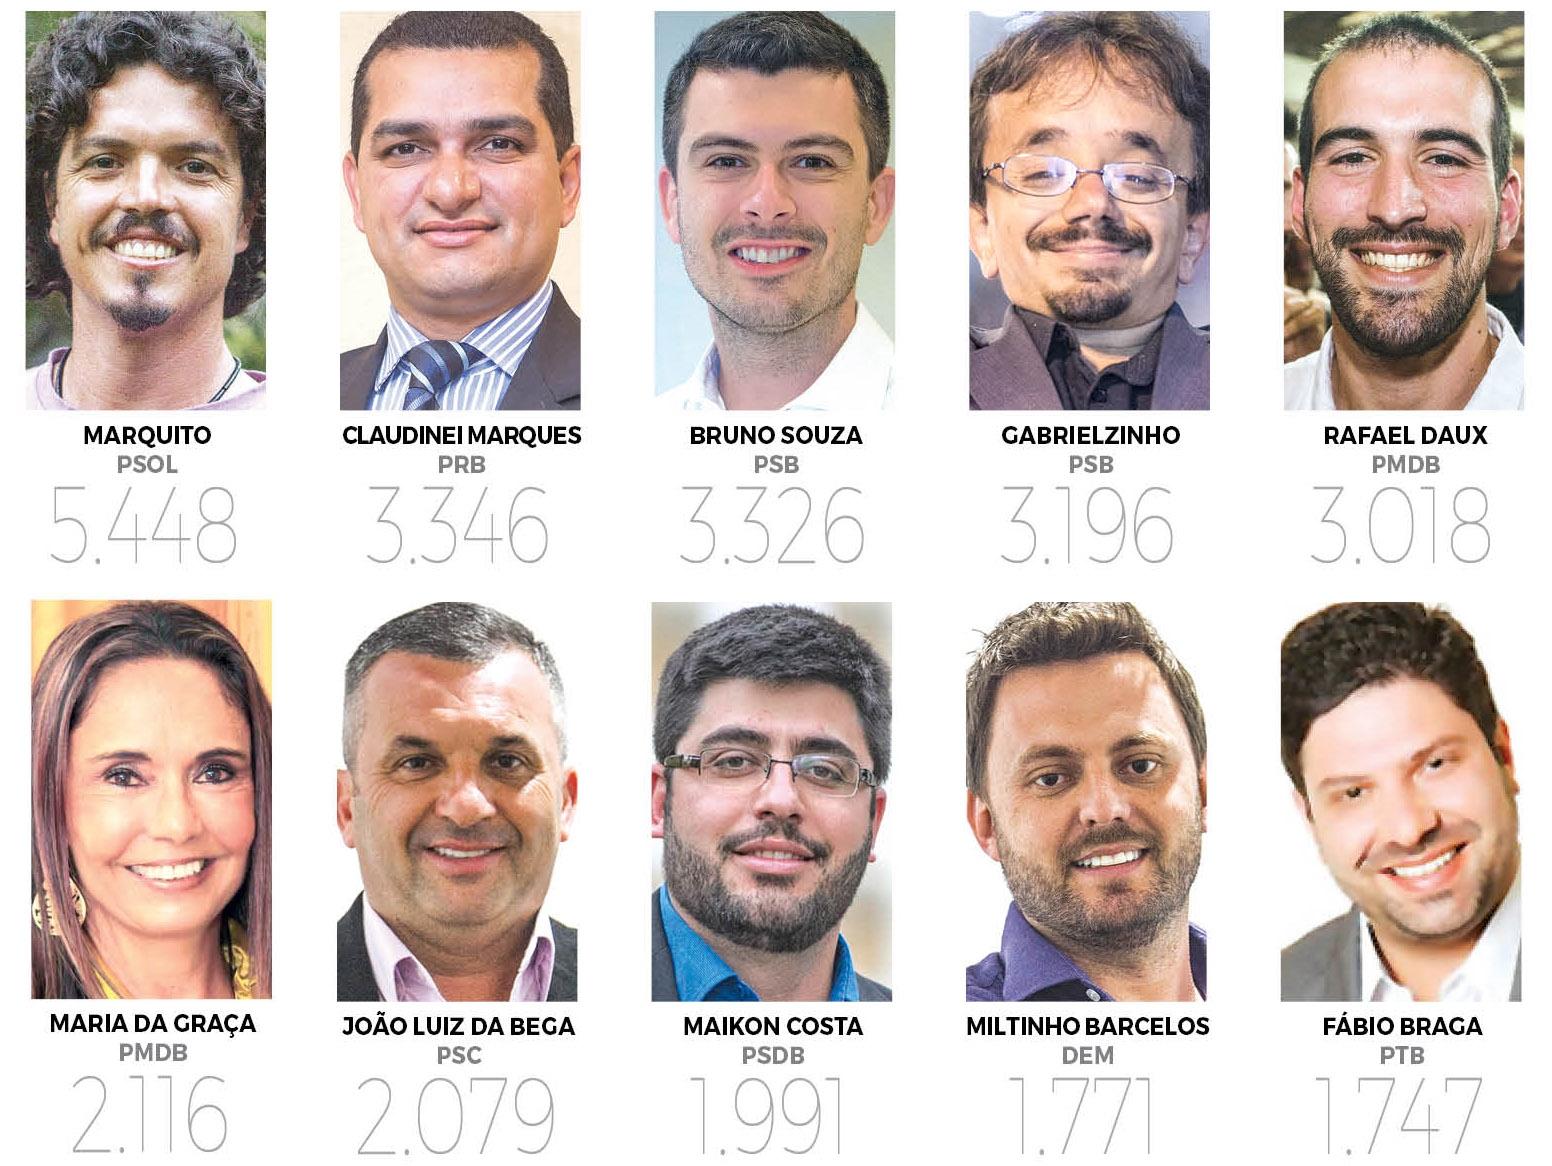 Novas caras na Câmara de Vereadores de Florianópolis - Arte sobre foto